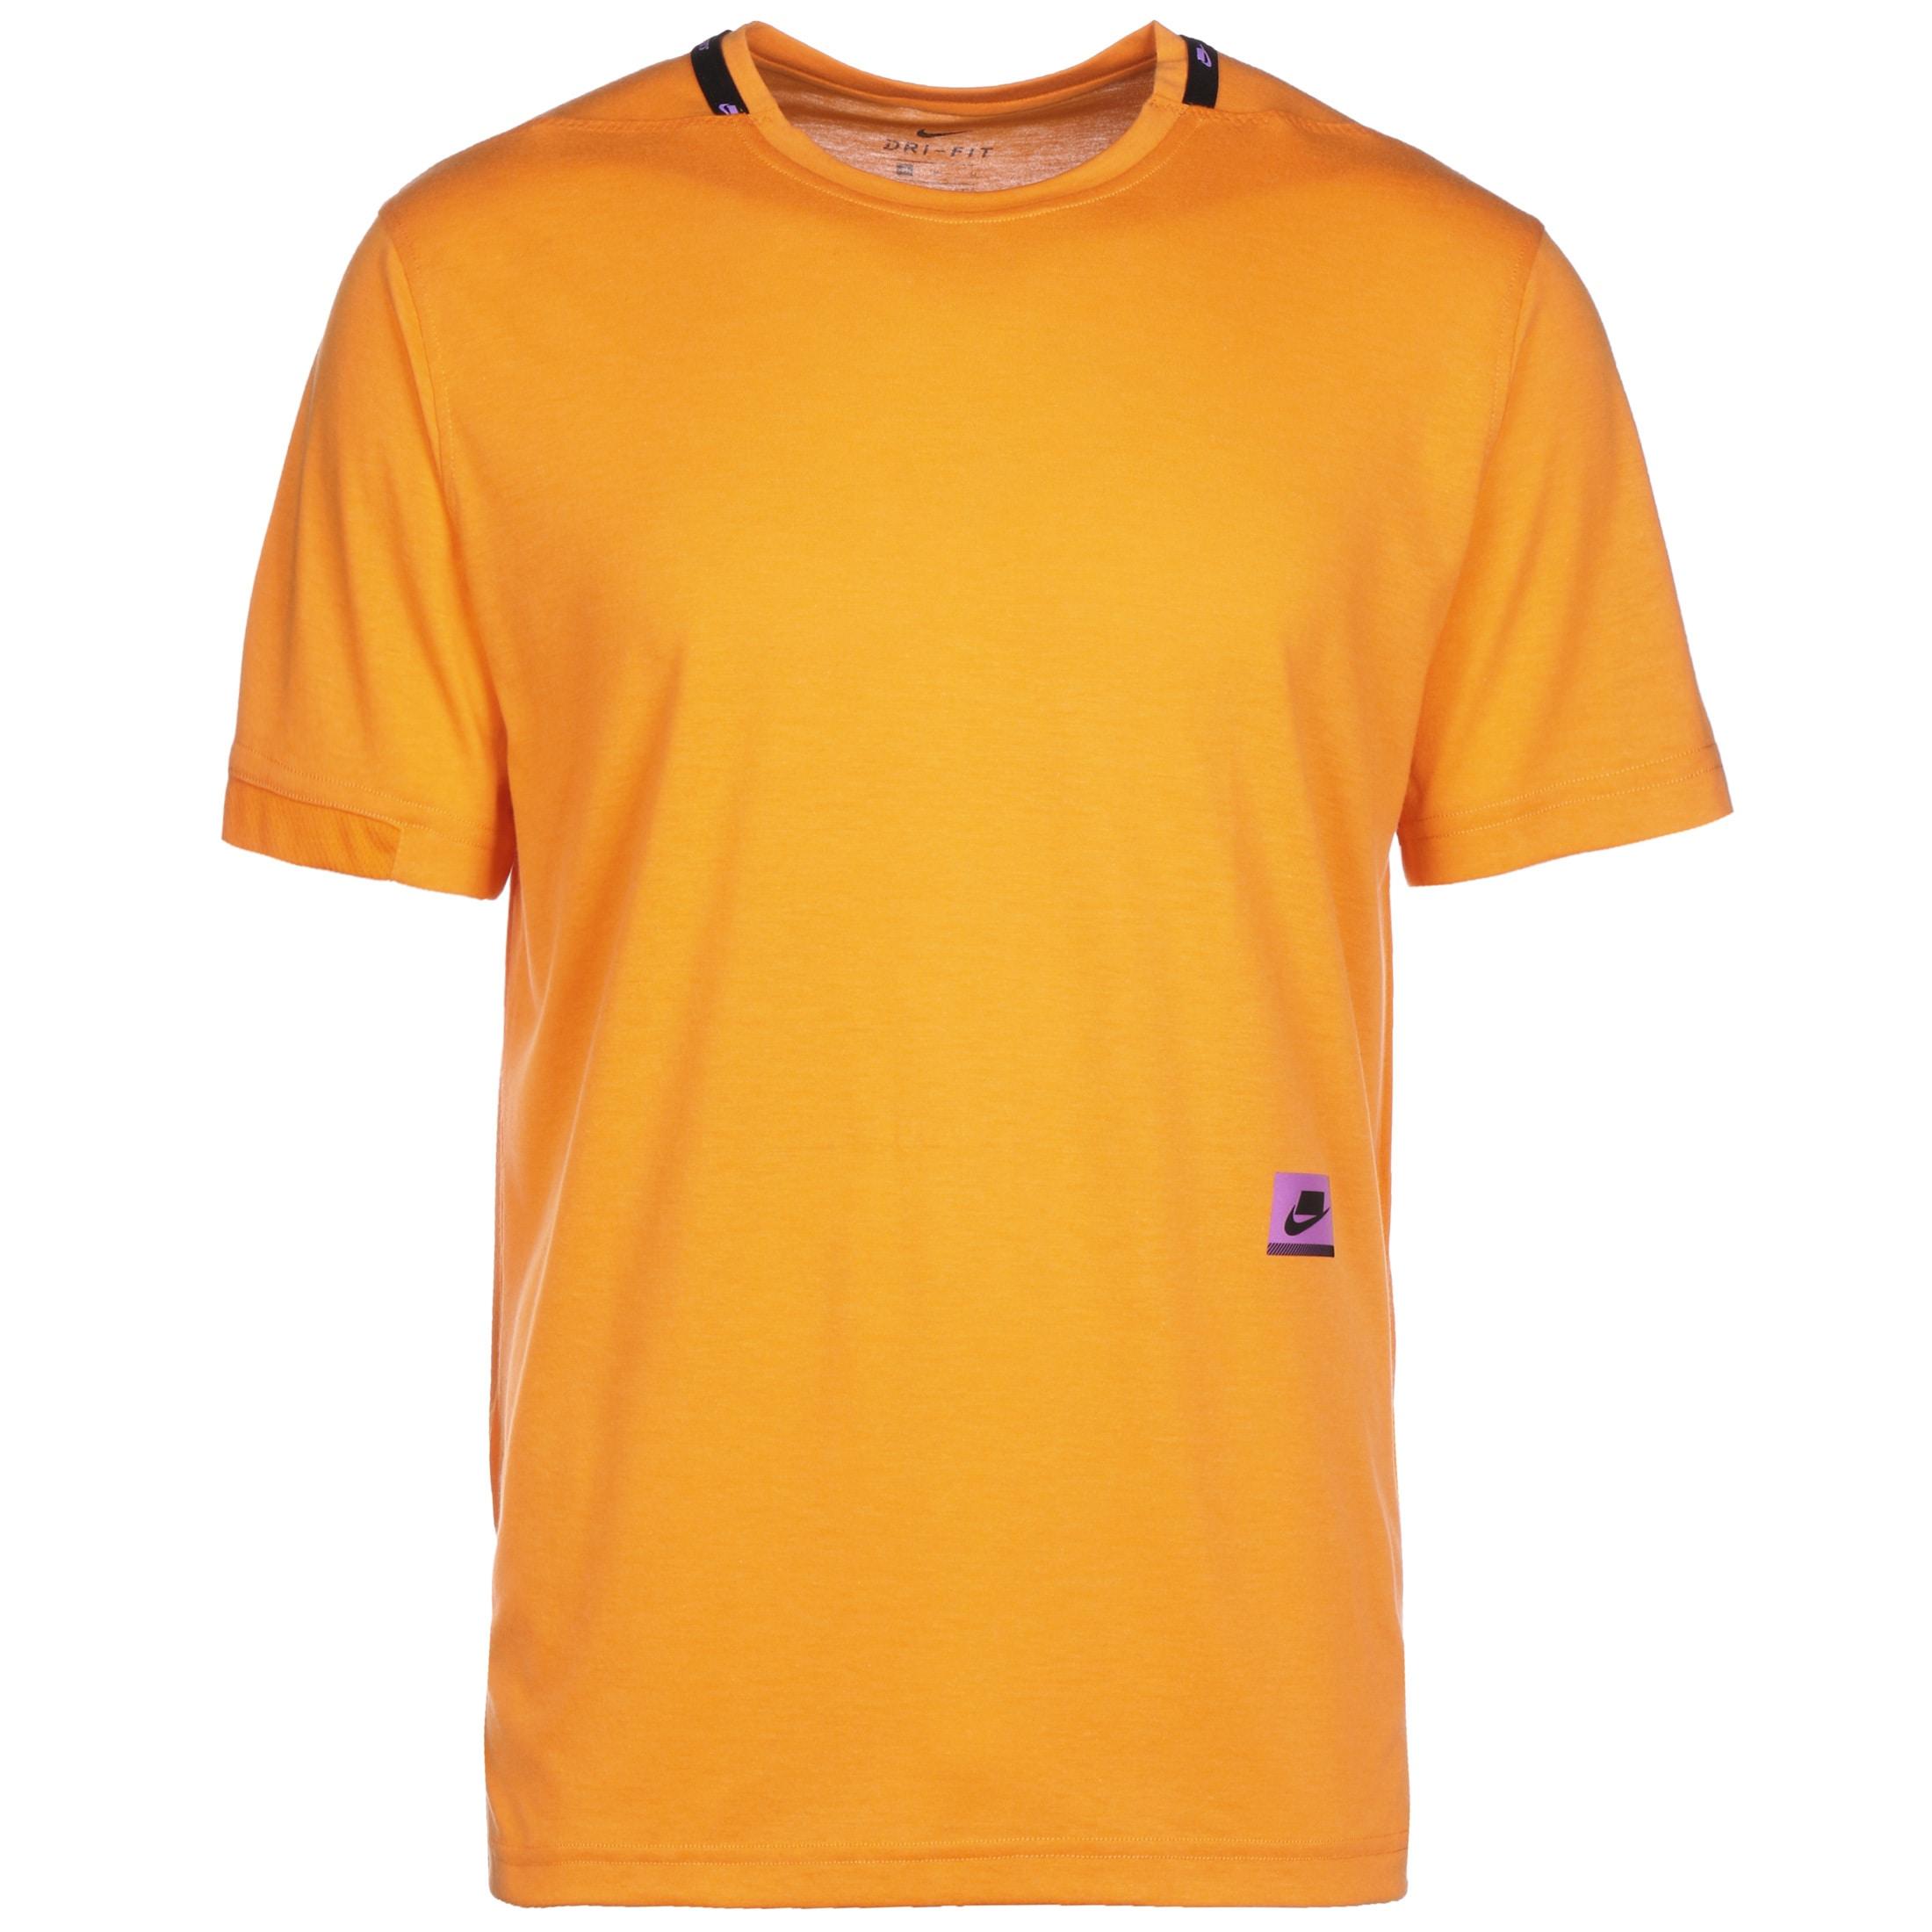 Nike Trainingsshirt Dri-fit | Sportbekleidung > Sportshirts | Nike